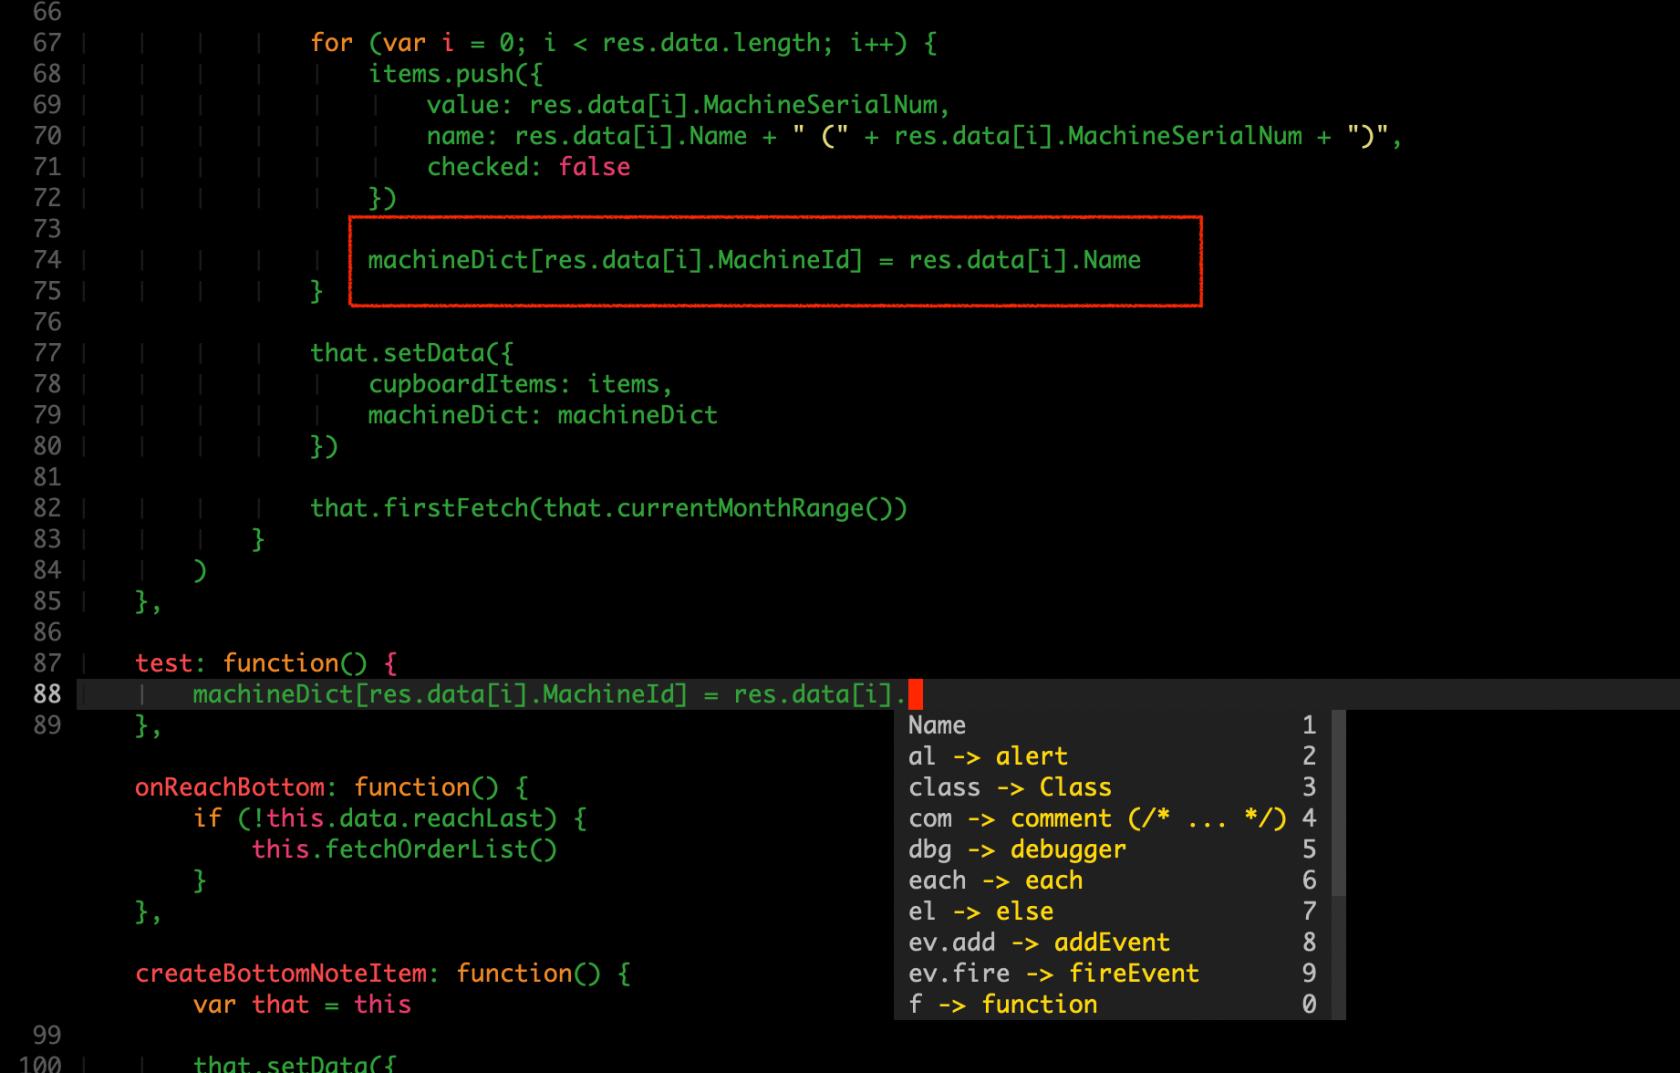 JavaScript exampele